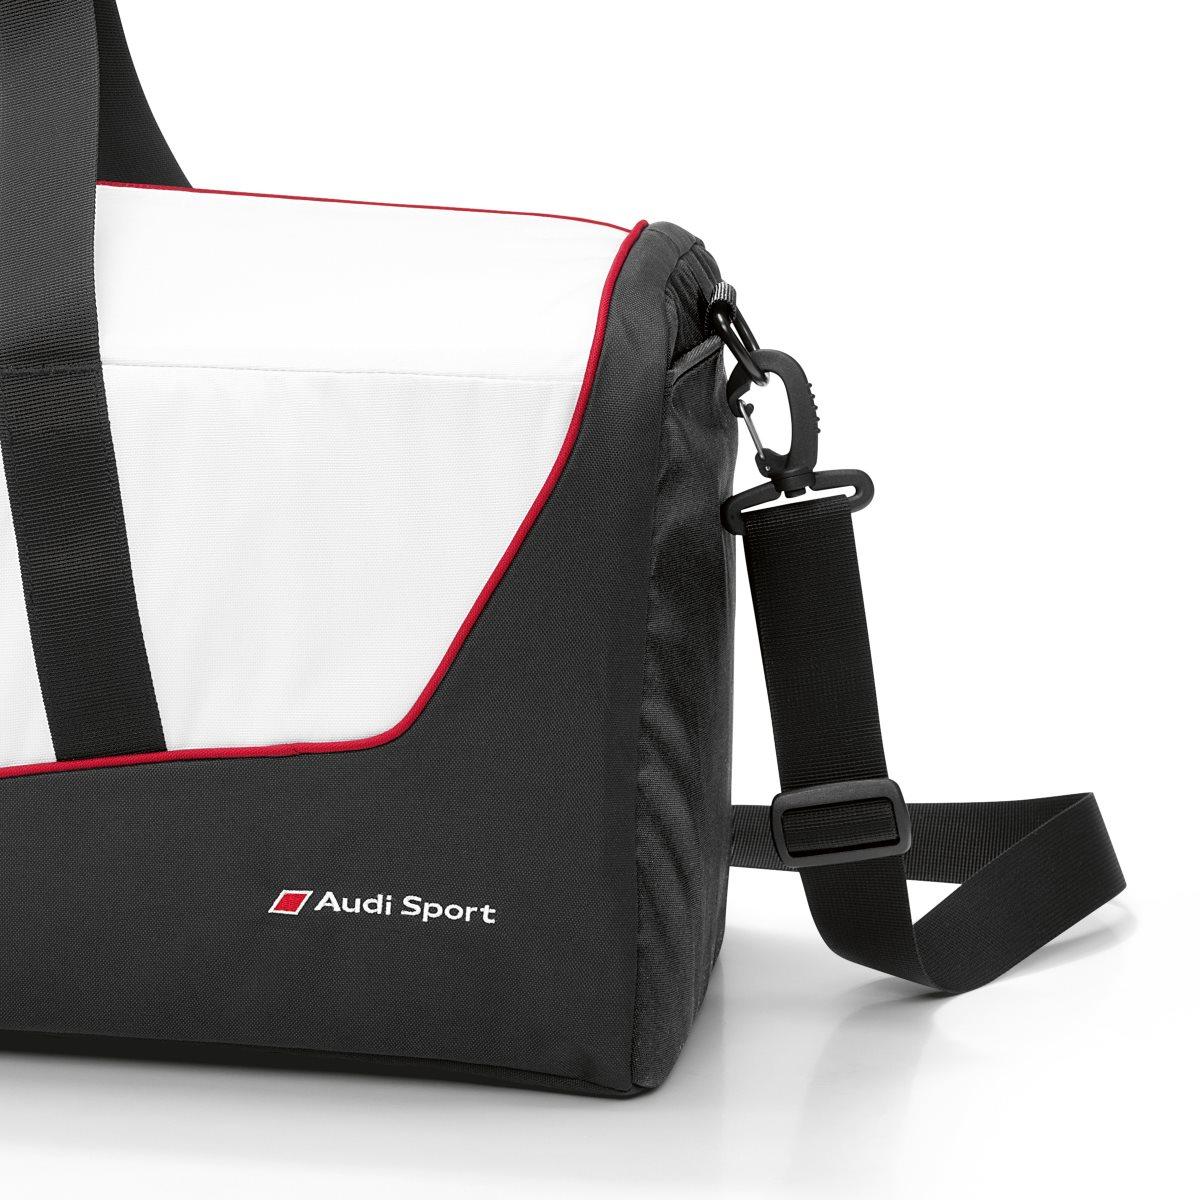 sporttasche reisetasche original audi sport tasche schwarz. Black Bedroom Furniture Sets. Home Design Ideas